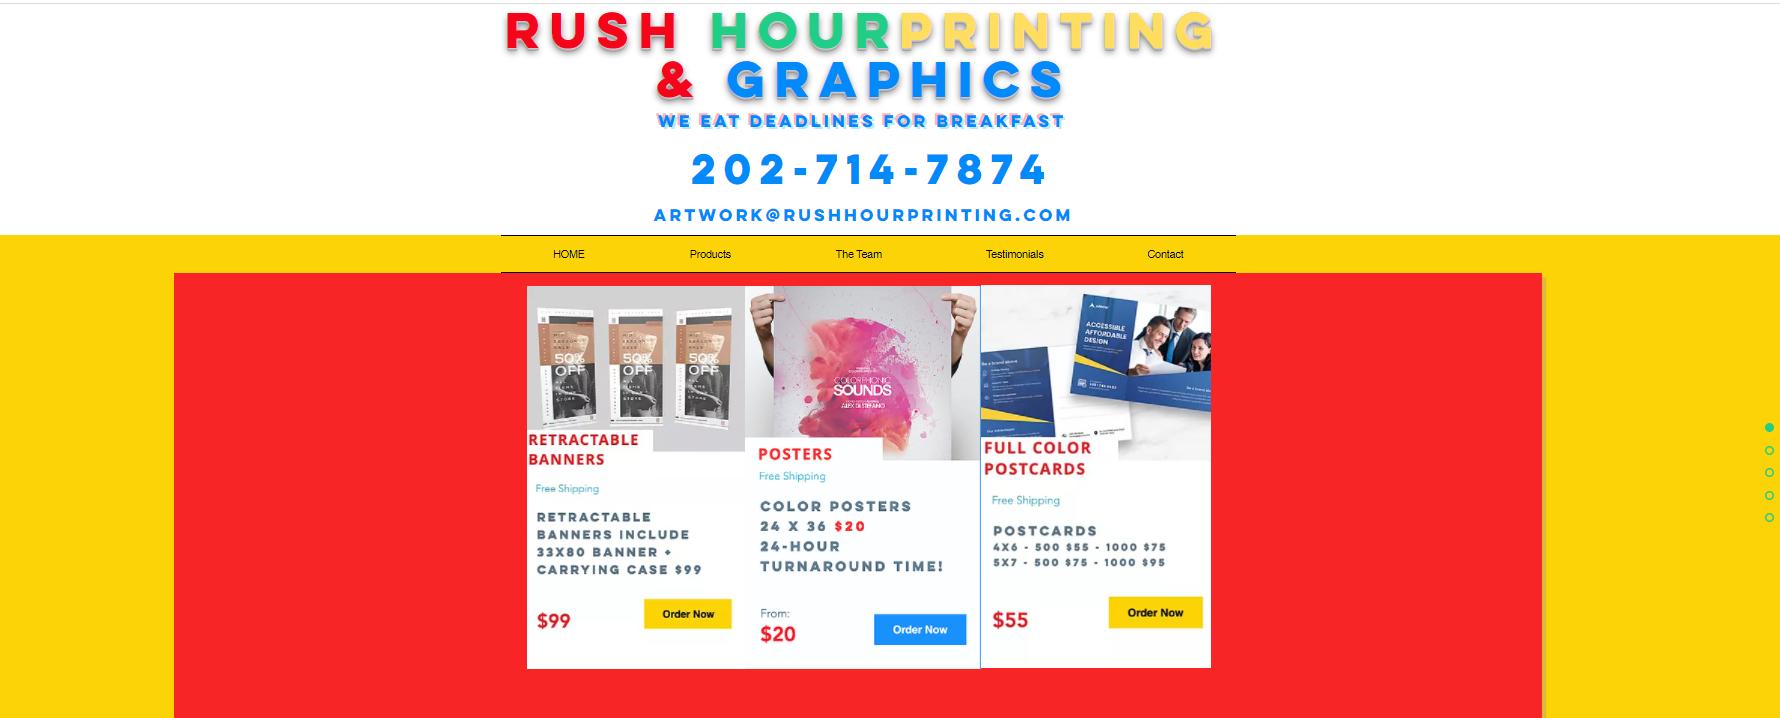 Rush Hour Printing and Graphics